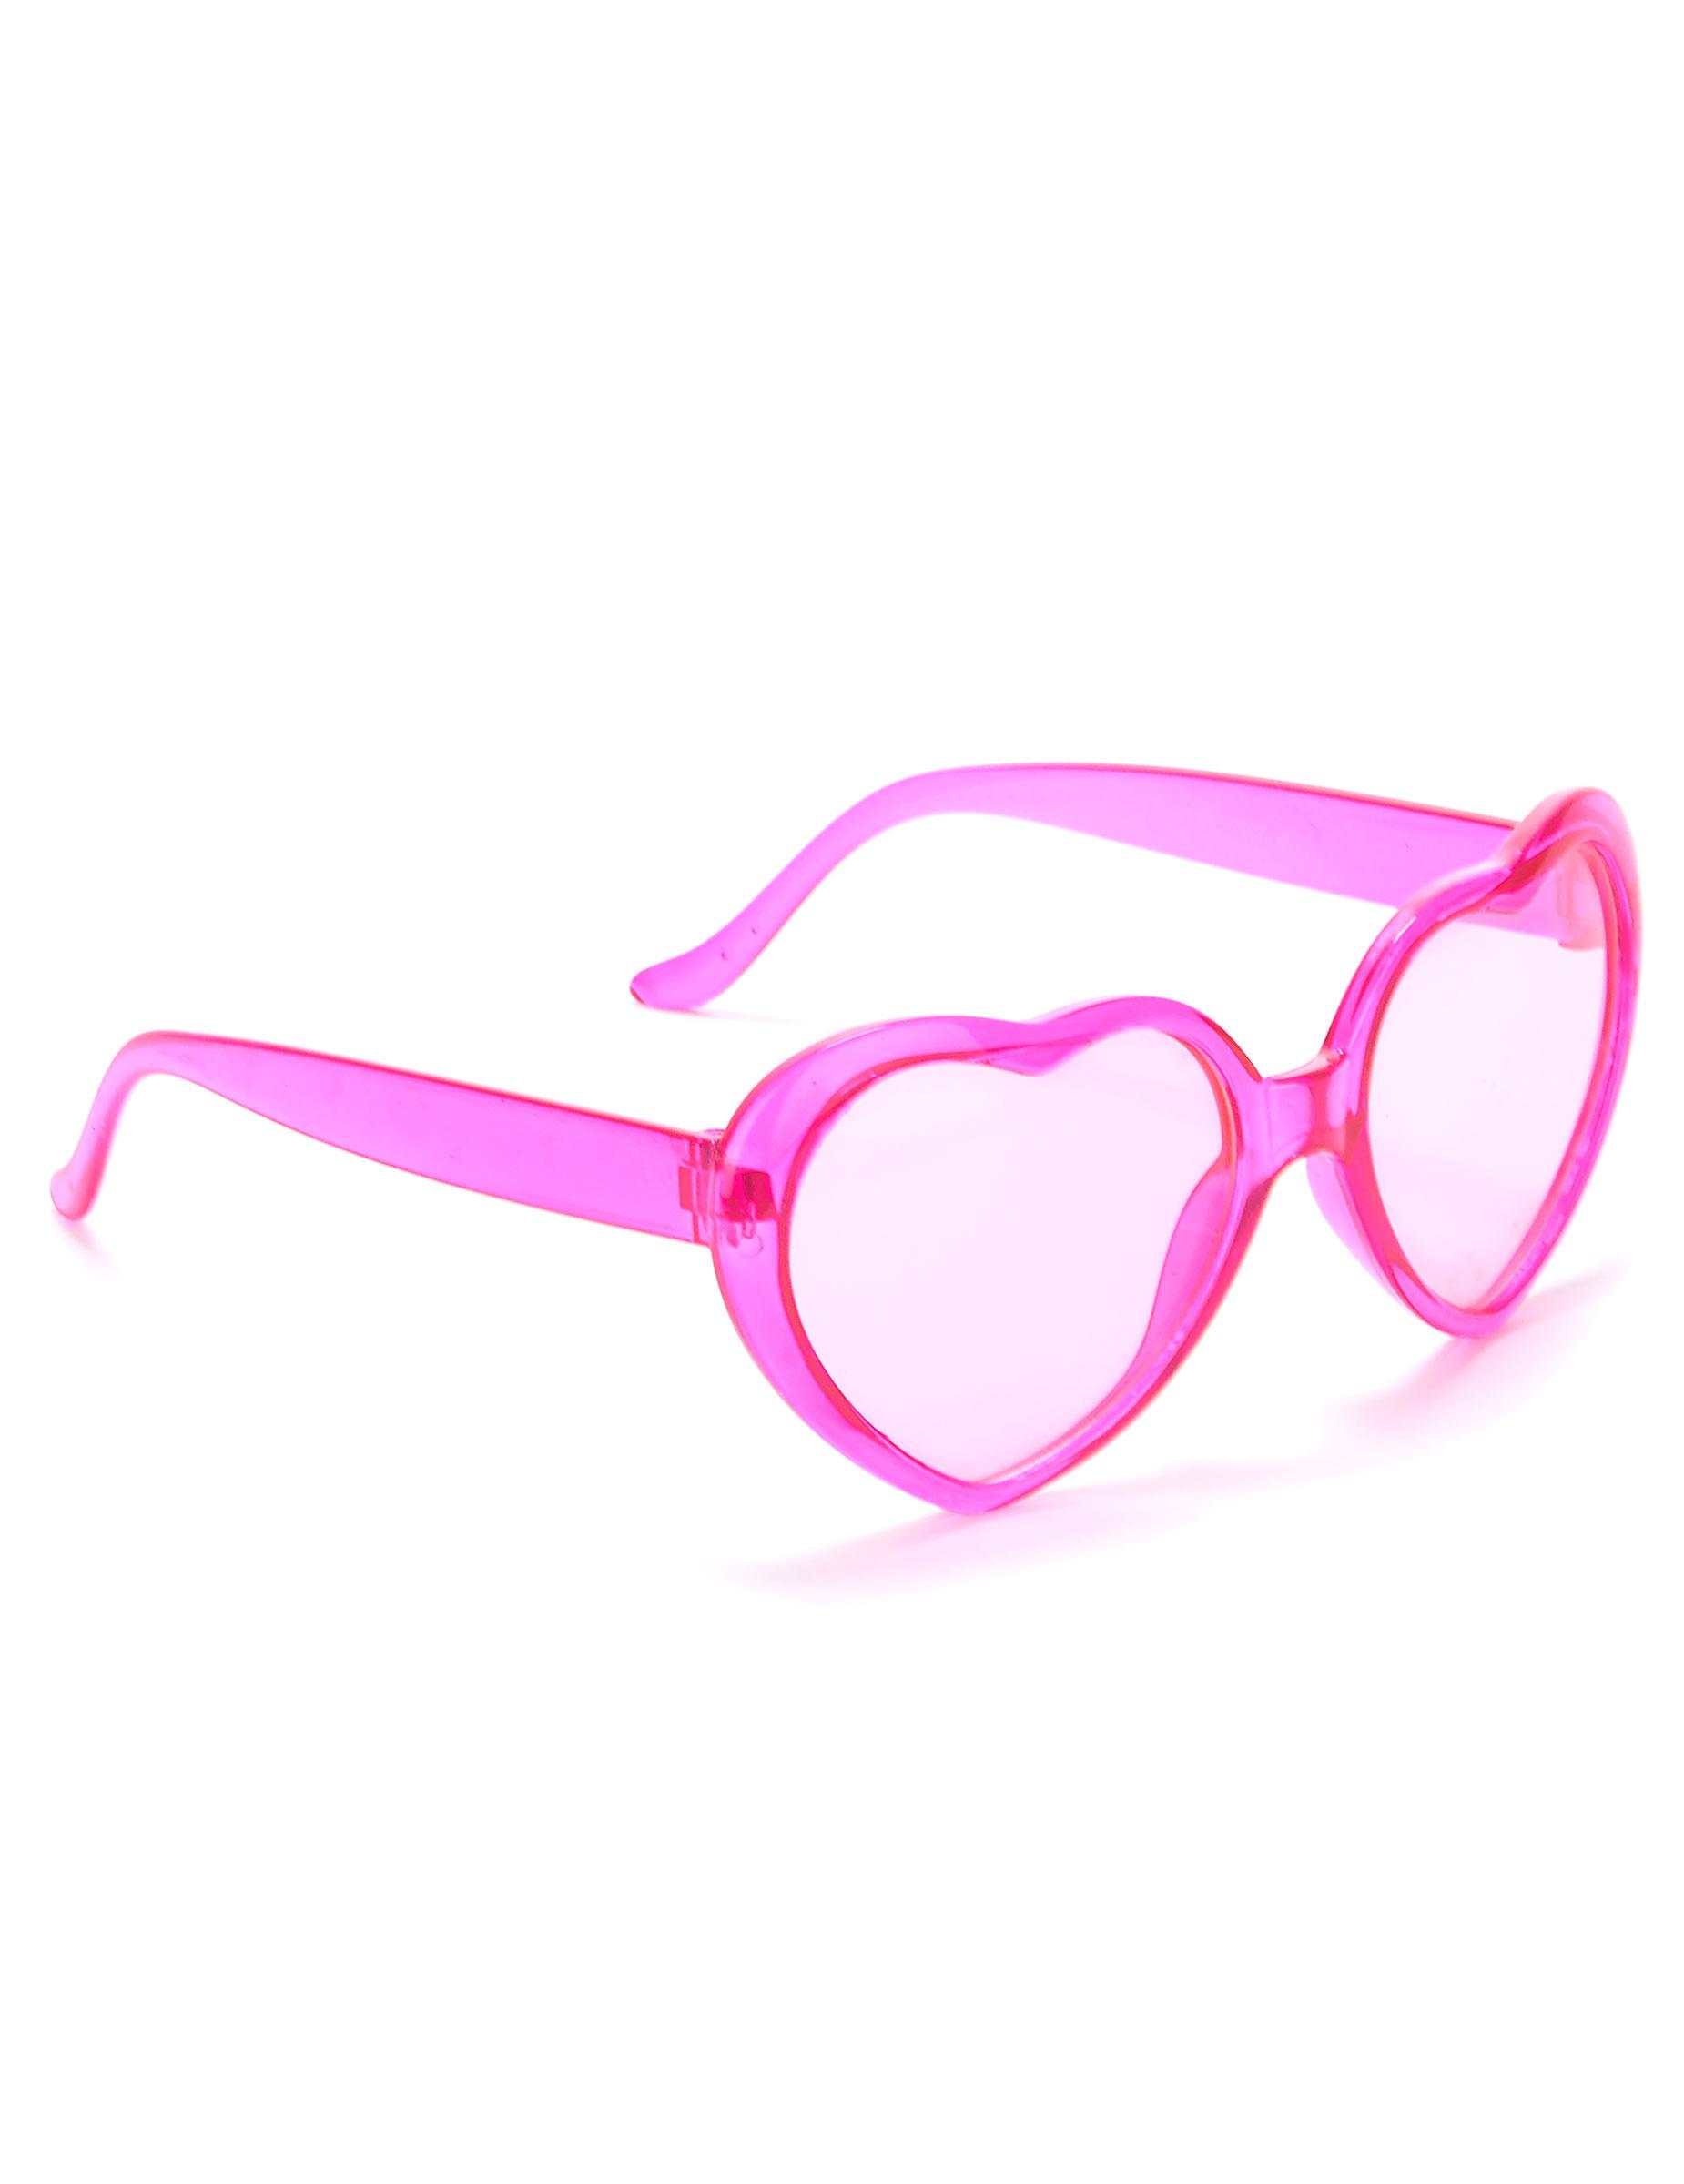 Óculos cor-de-rosa coração plástico adulto  Acessórios,mascarilhas e ... de34b561b1